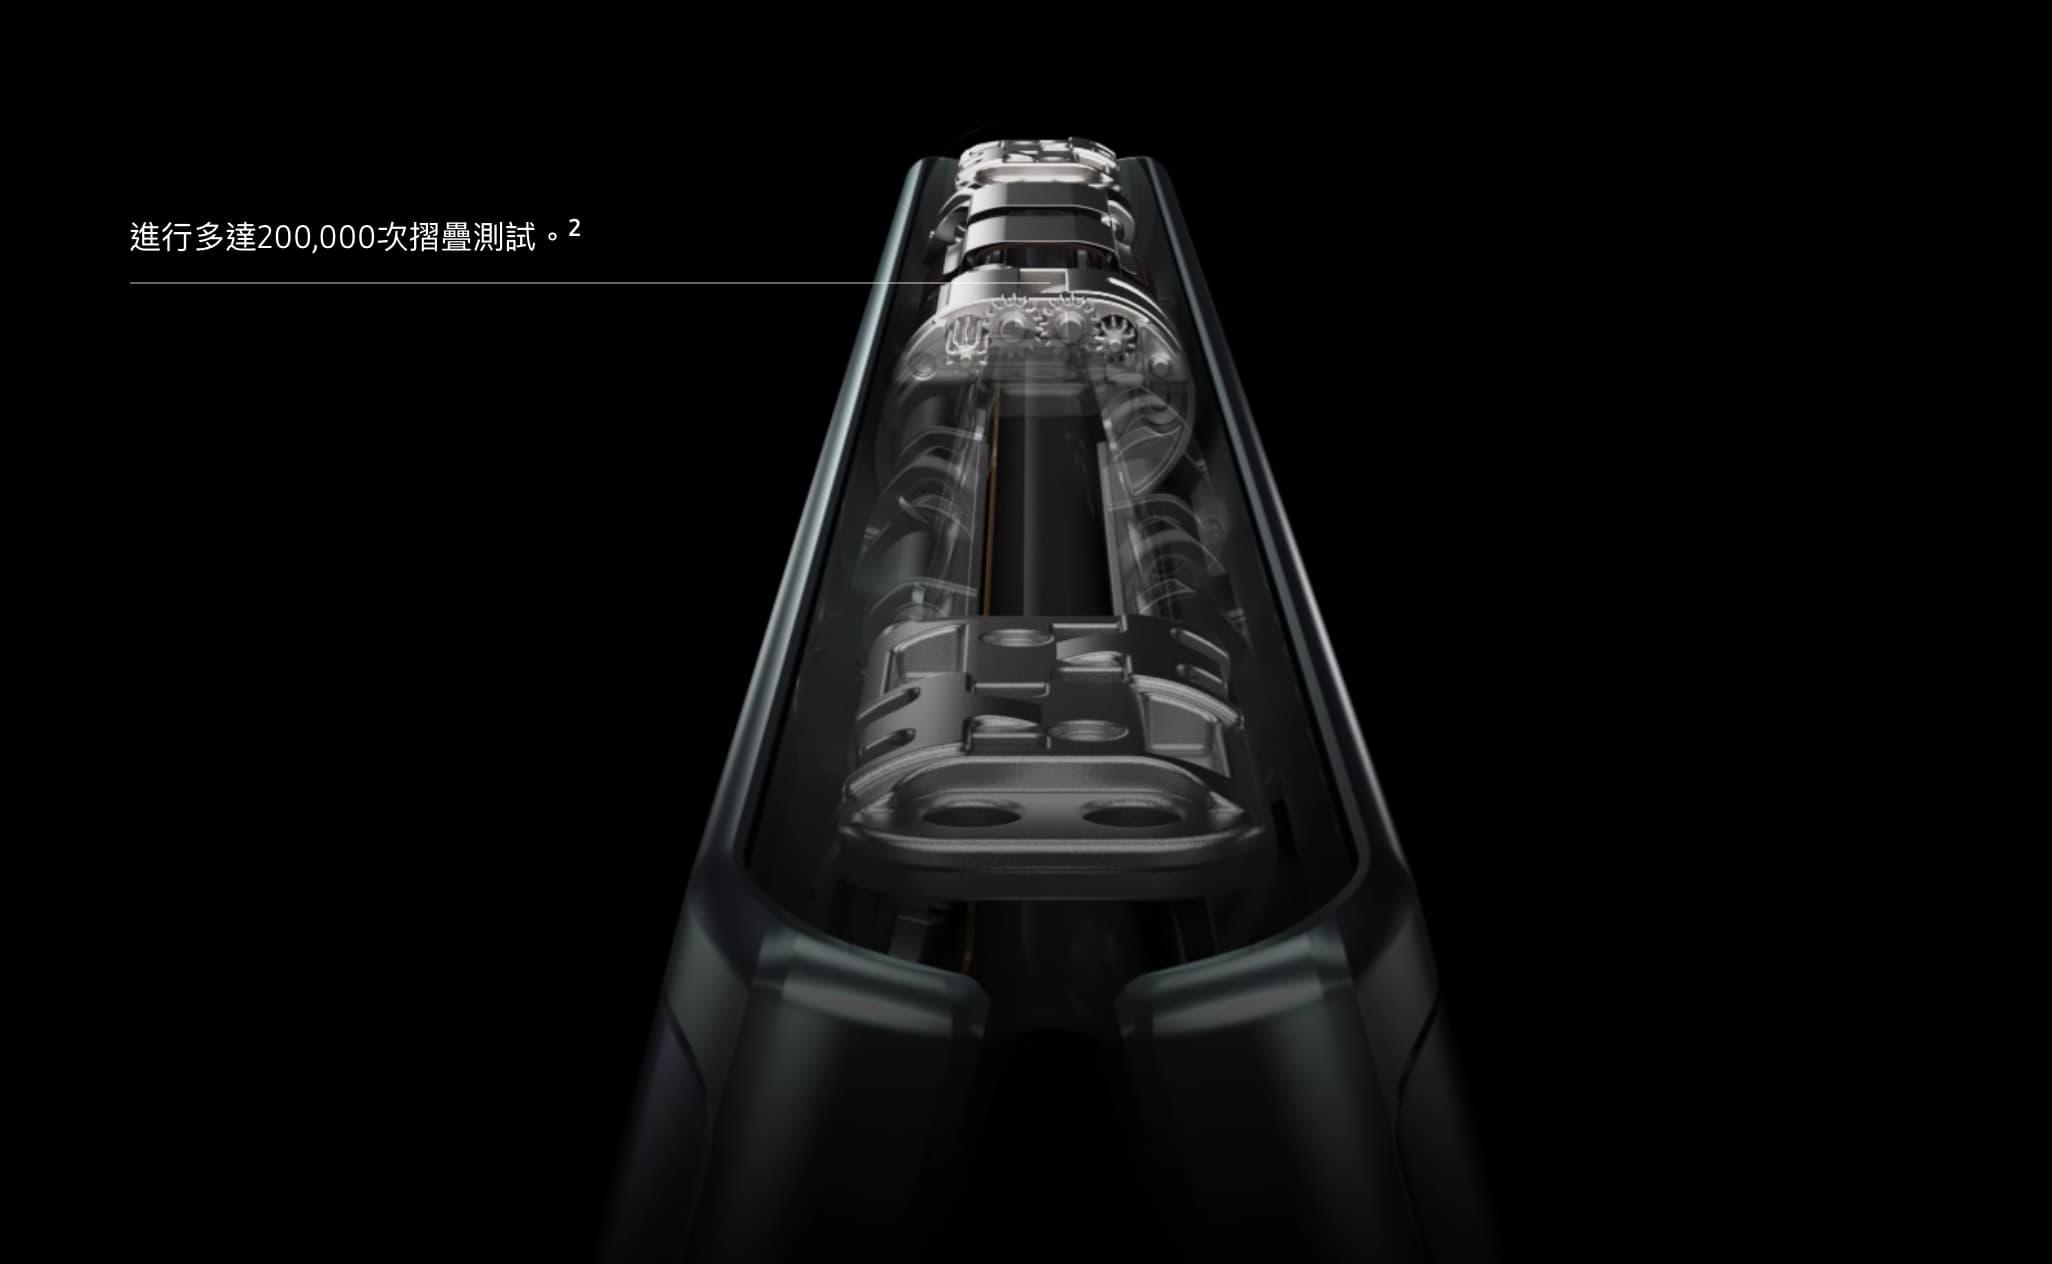 彭博社證實iPhone折疊機開發中,蘋果計畫加入螢幕下指紋1